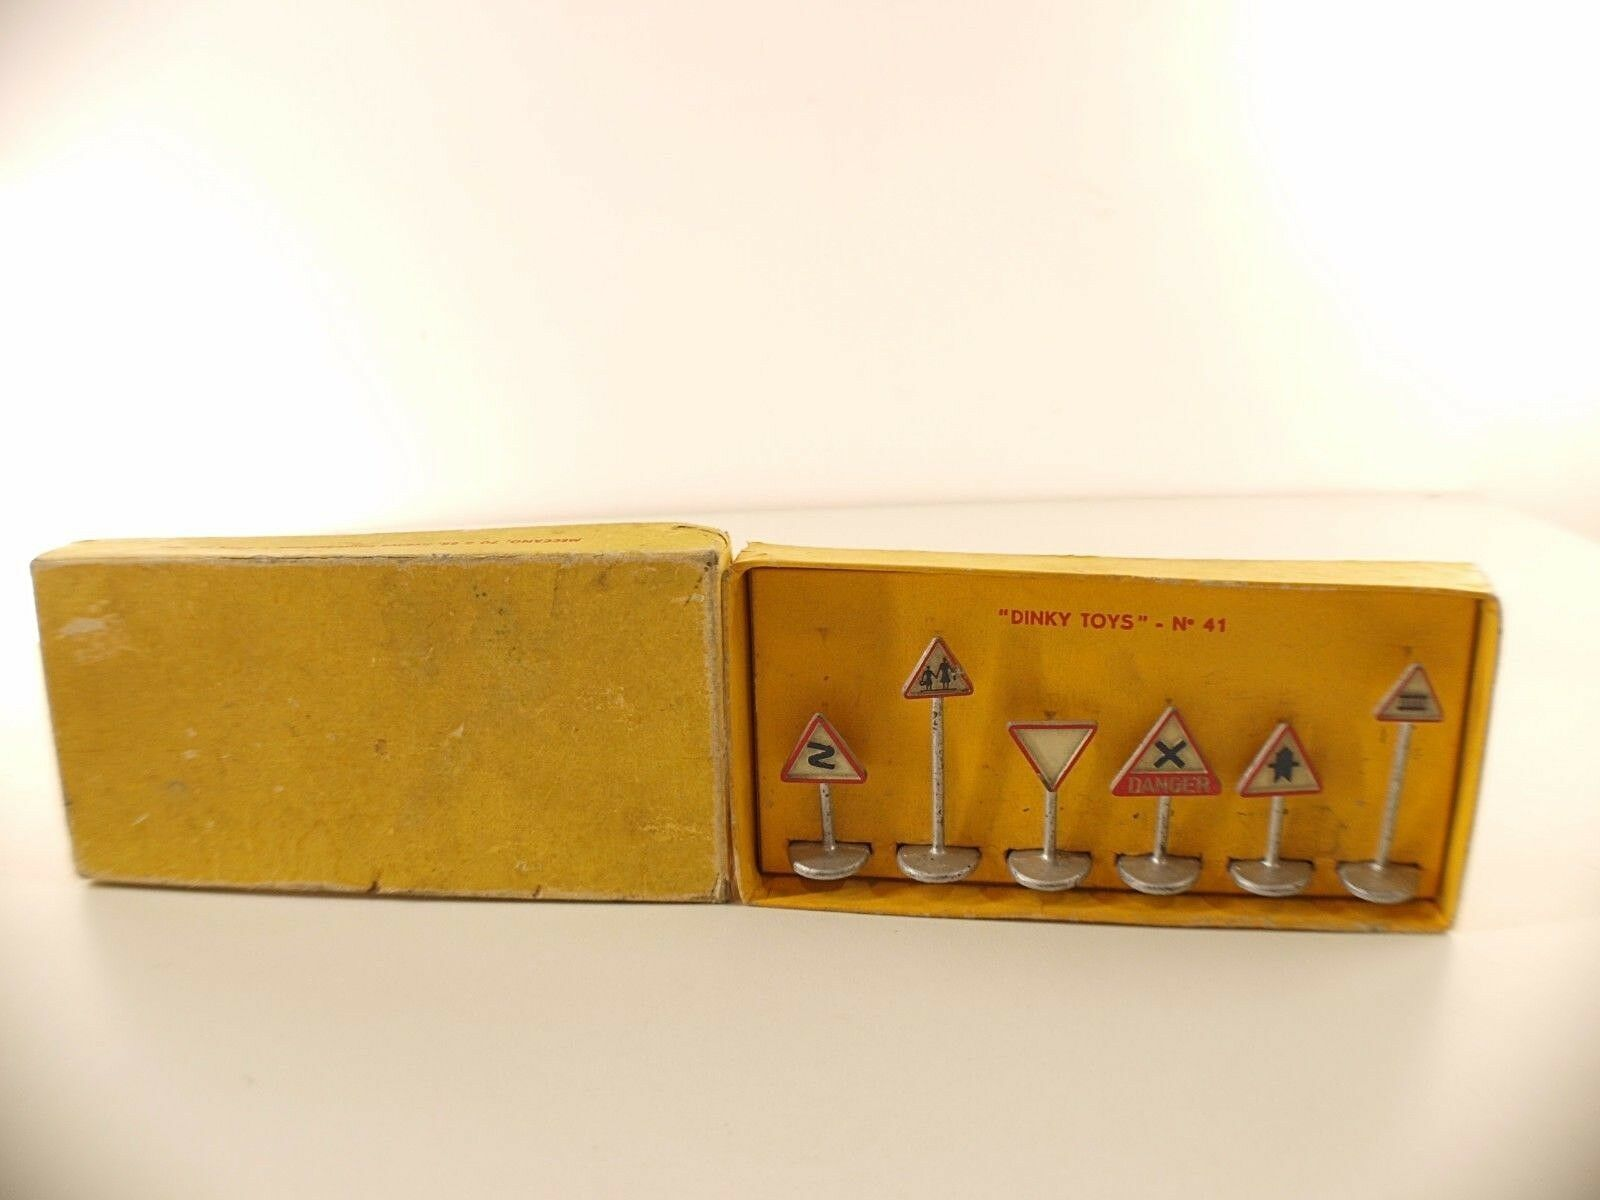 Dinky Toys  F n° 41 coffret panneaux signalisation routière route en boite